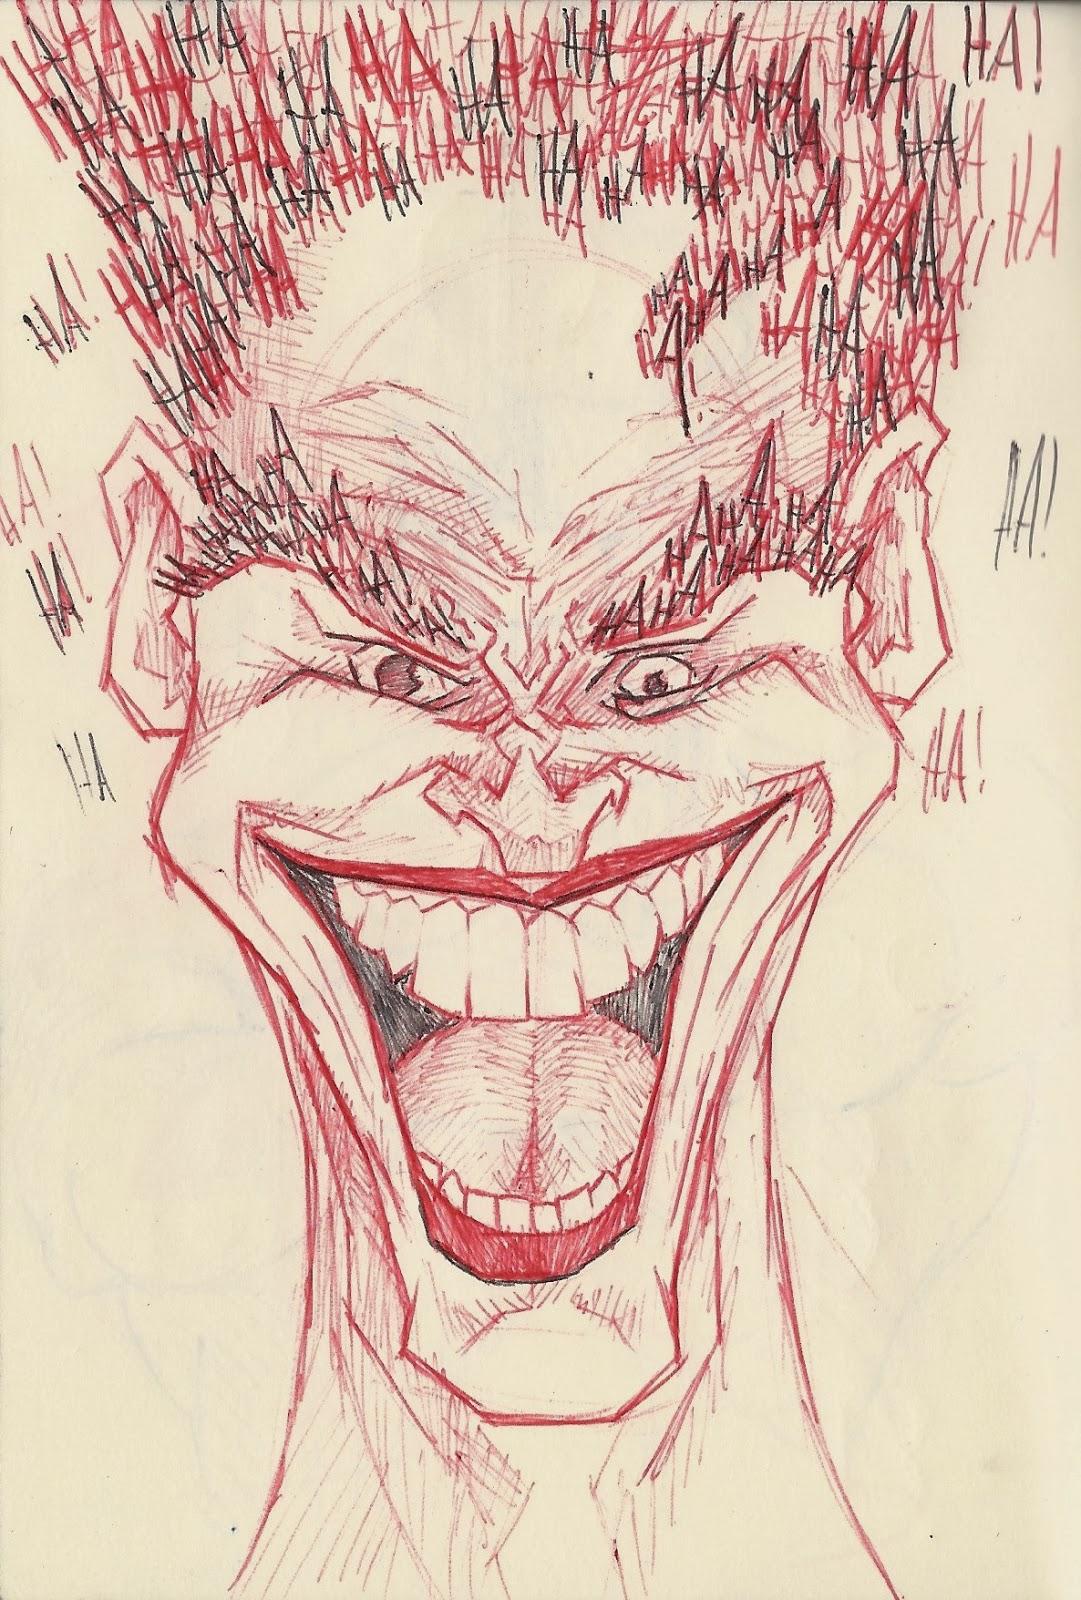 Jokereg